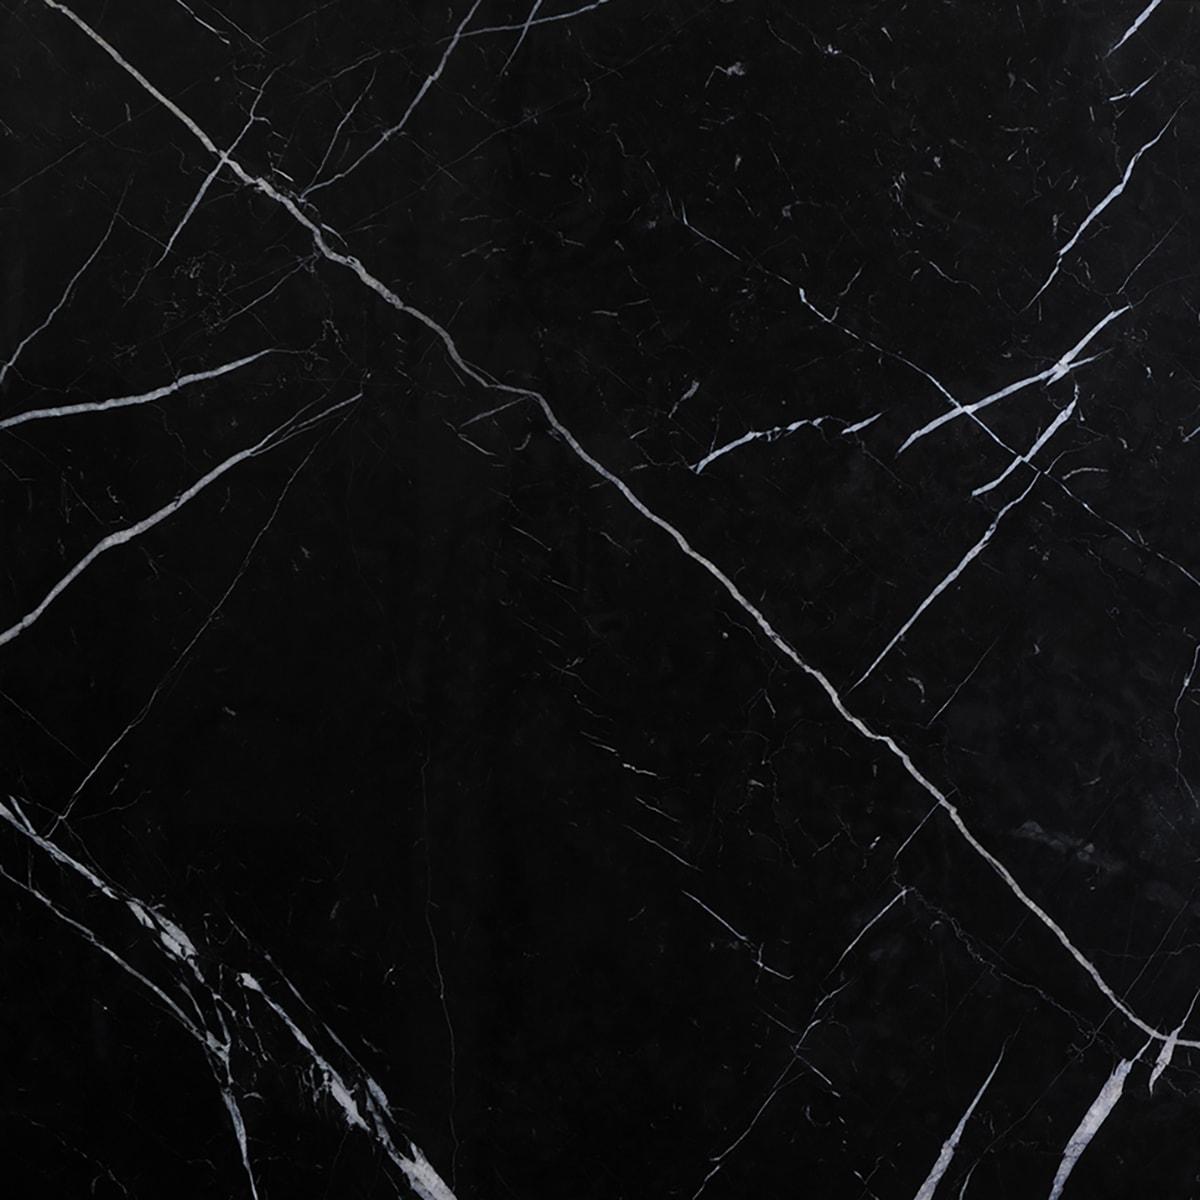 אבן שחורה נרומקווינה